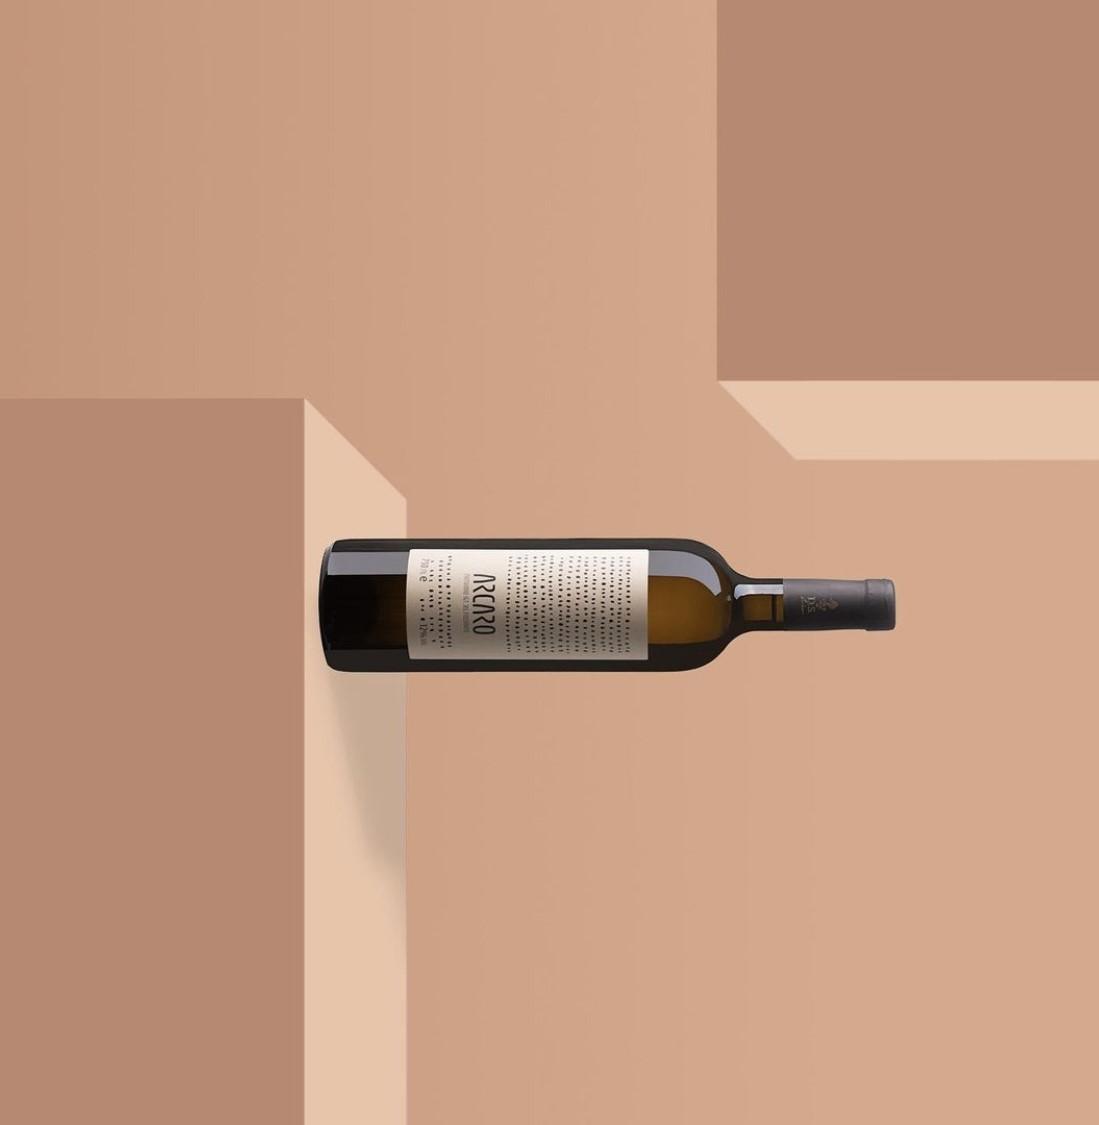 DS Bio Winery